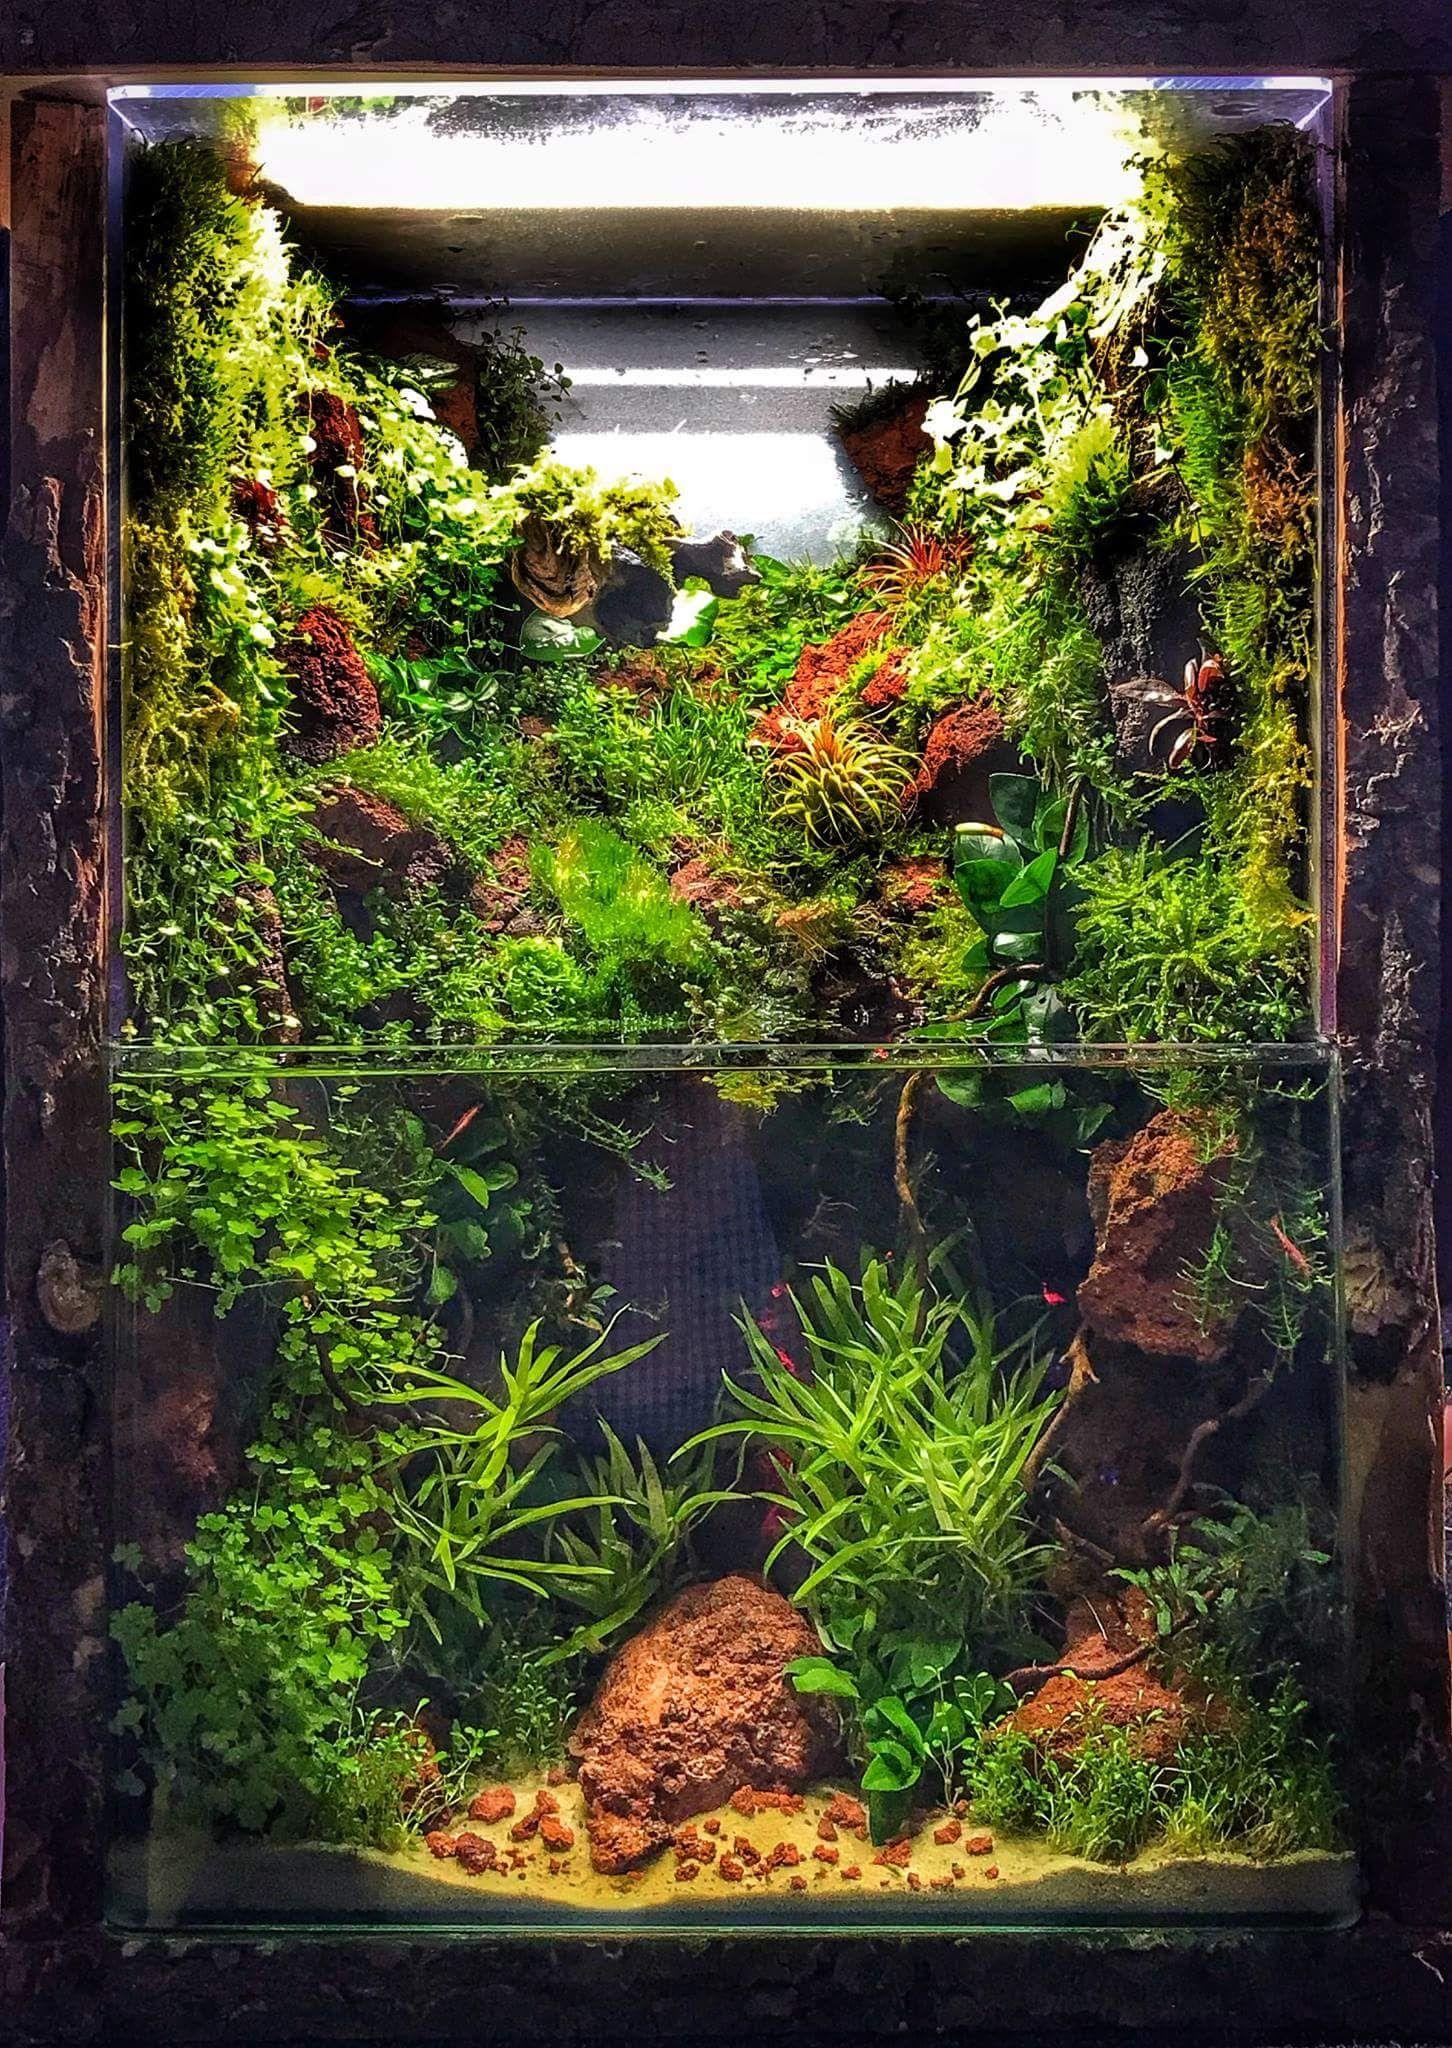 Home | Indoor water garden, Aquarium landscape, Aquarium